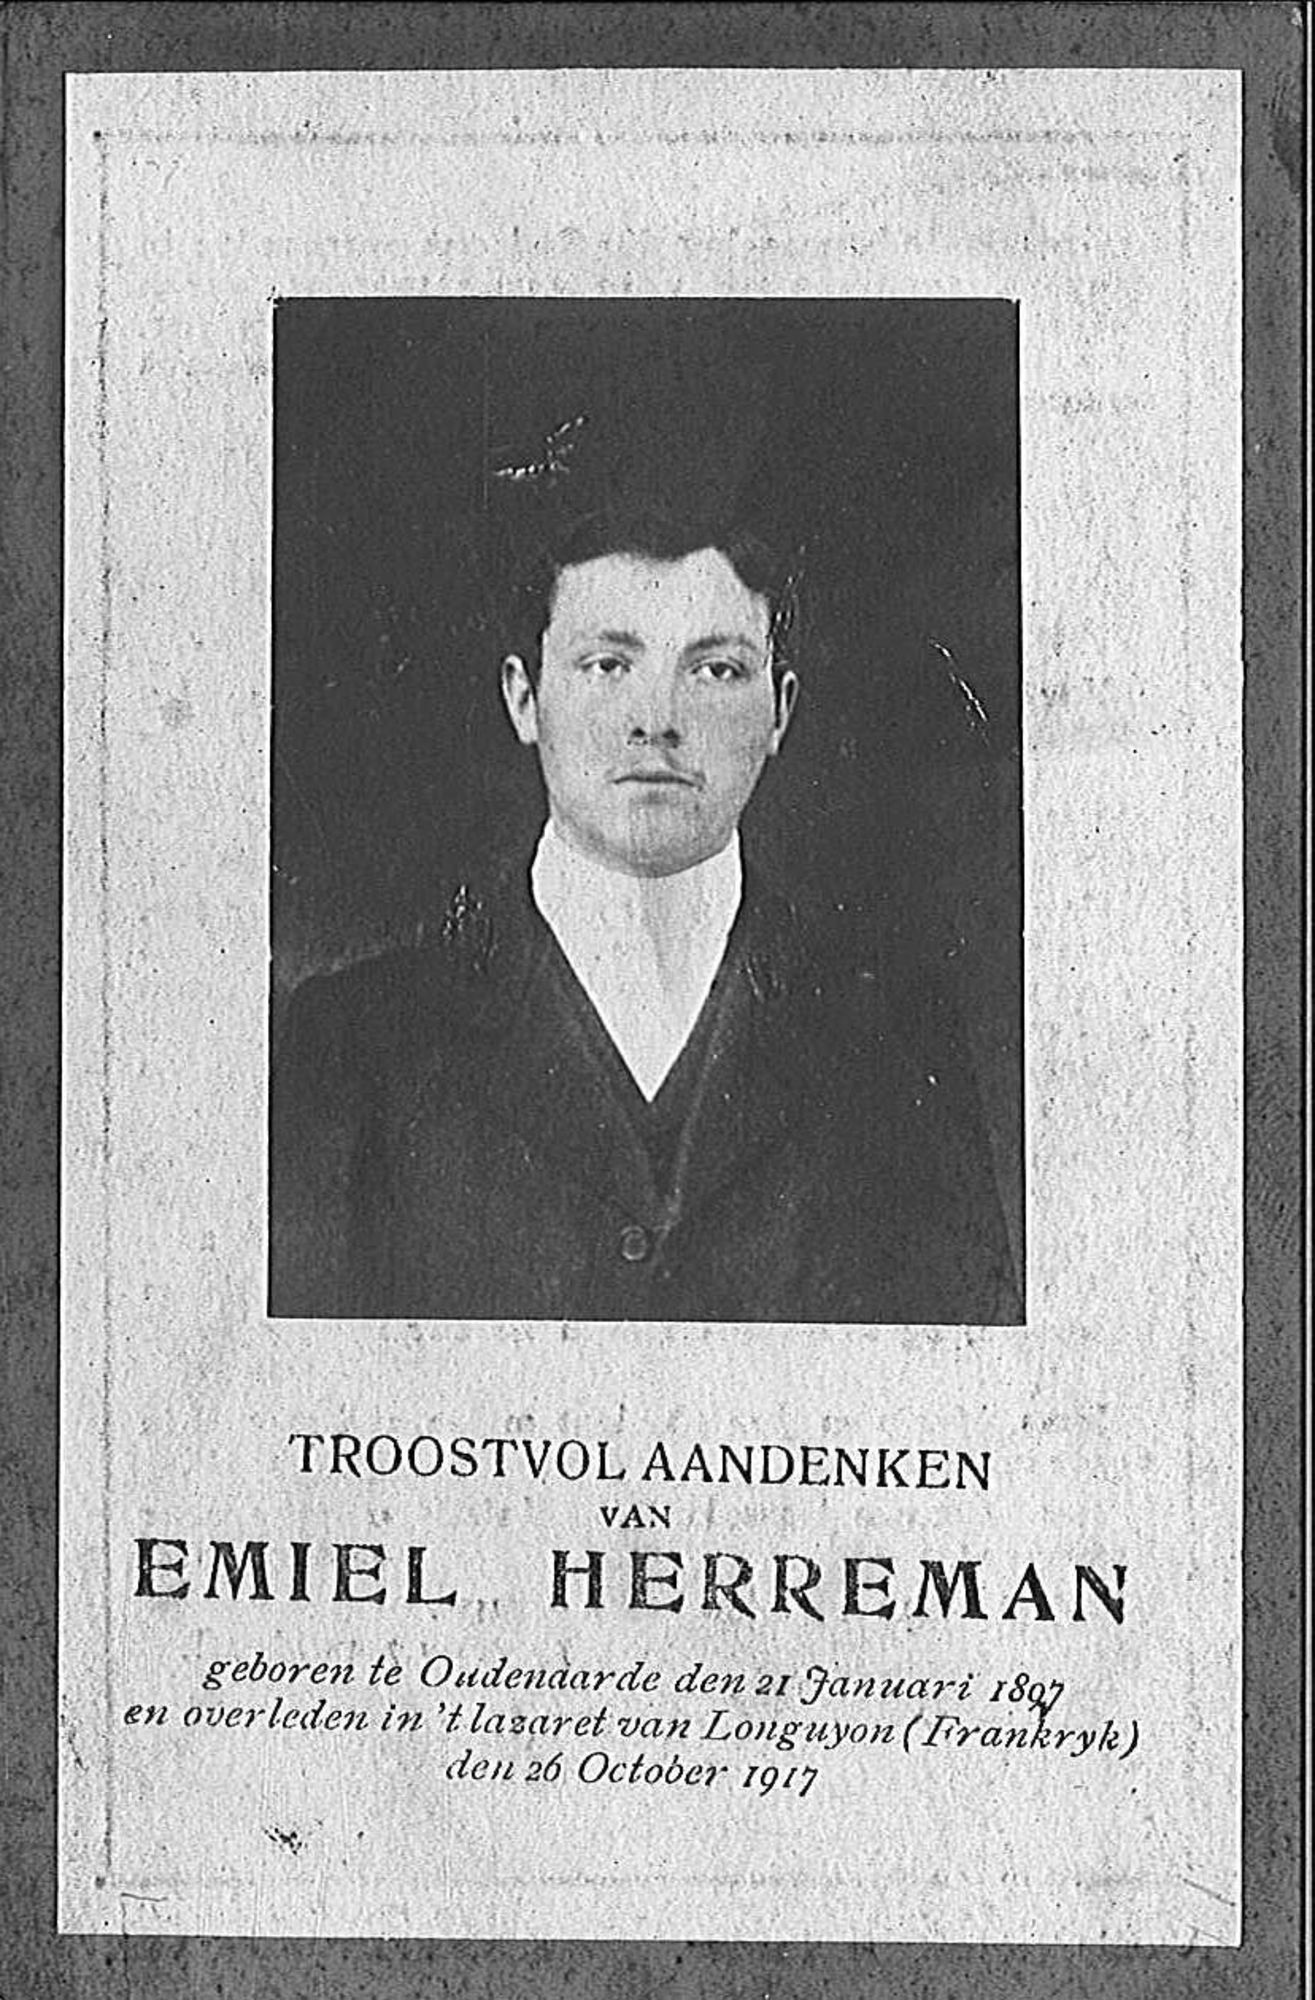 Emiel Herreman